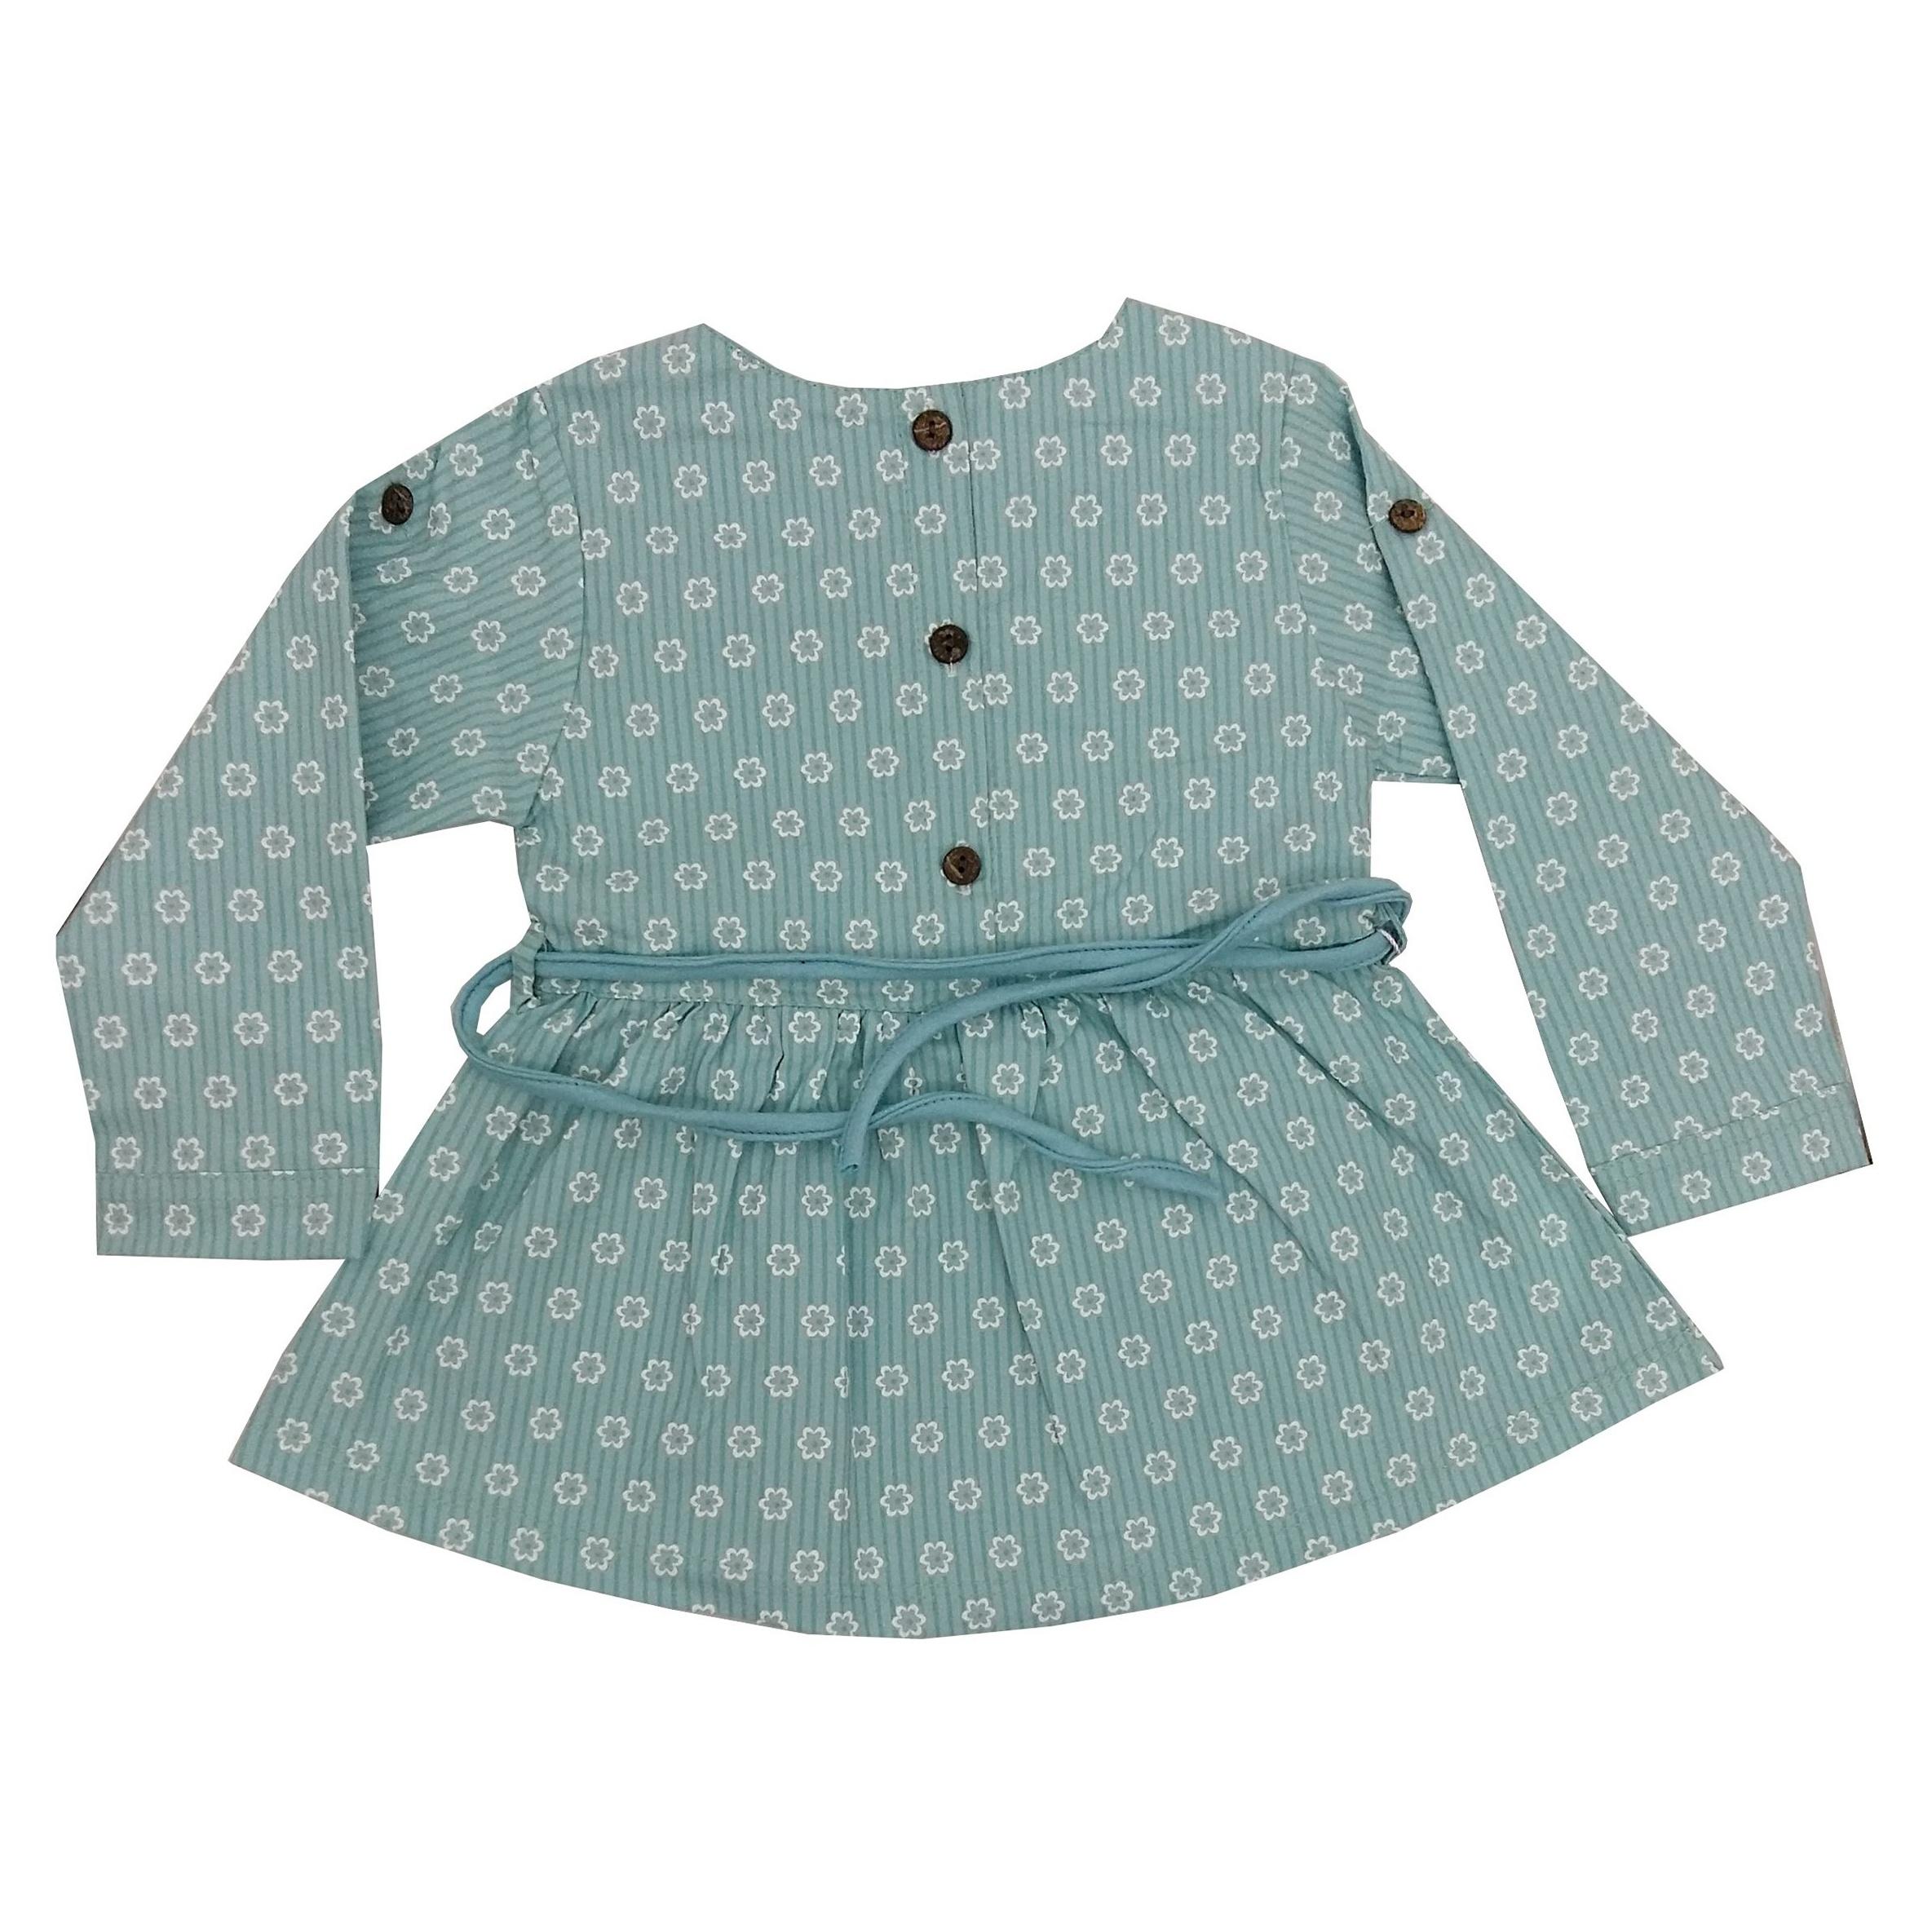 ست دو تکه لباس نوزادی کد 2431